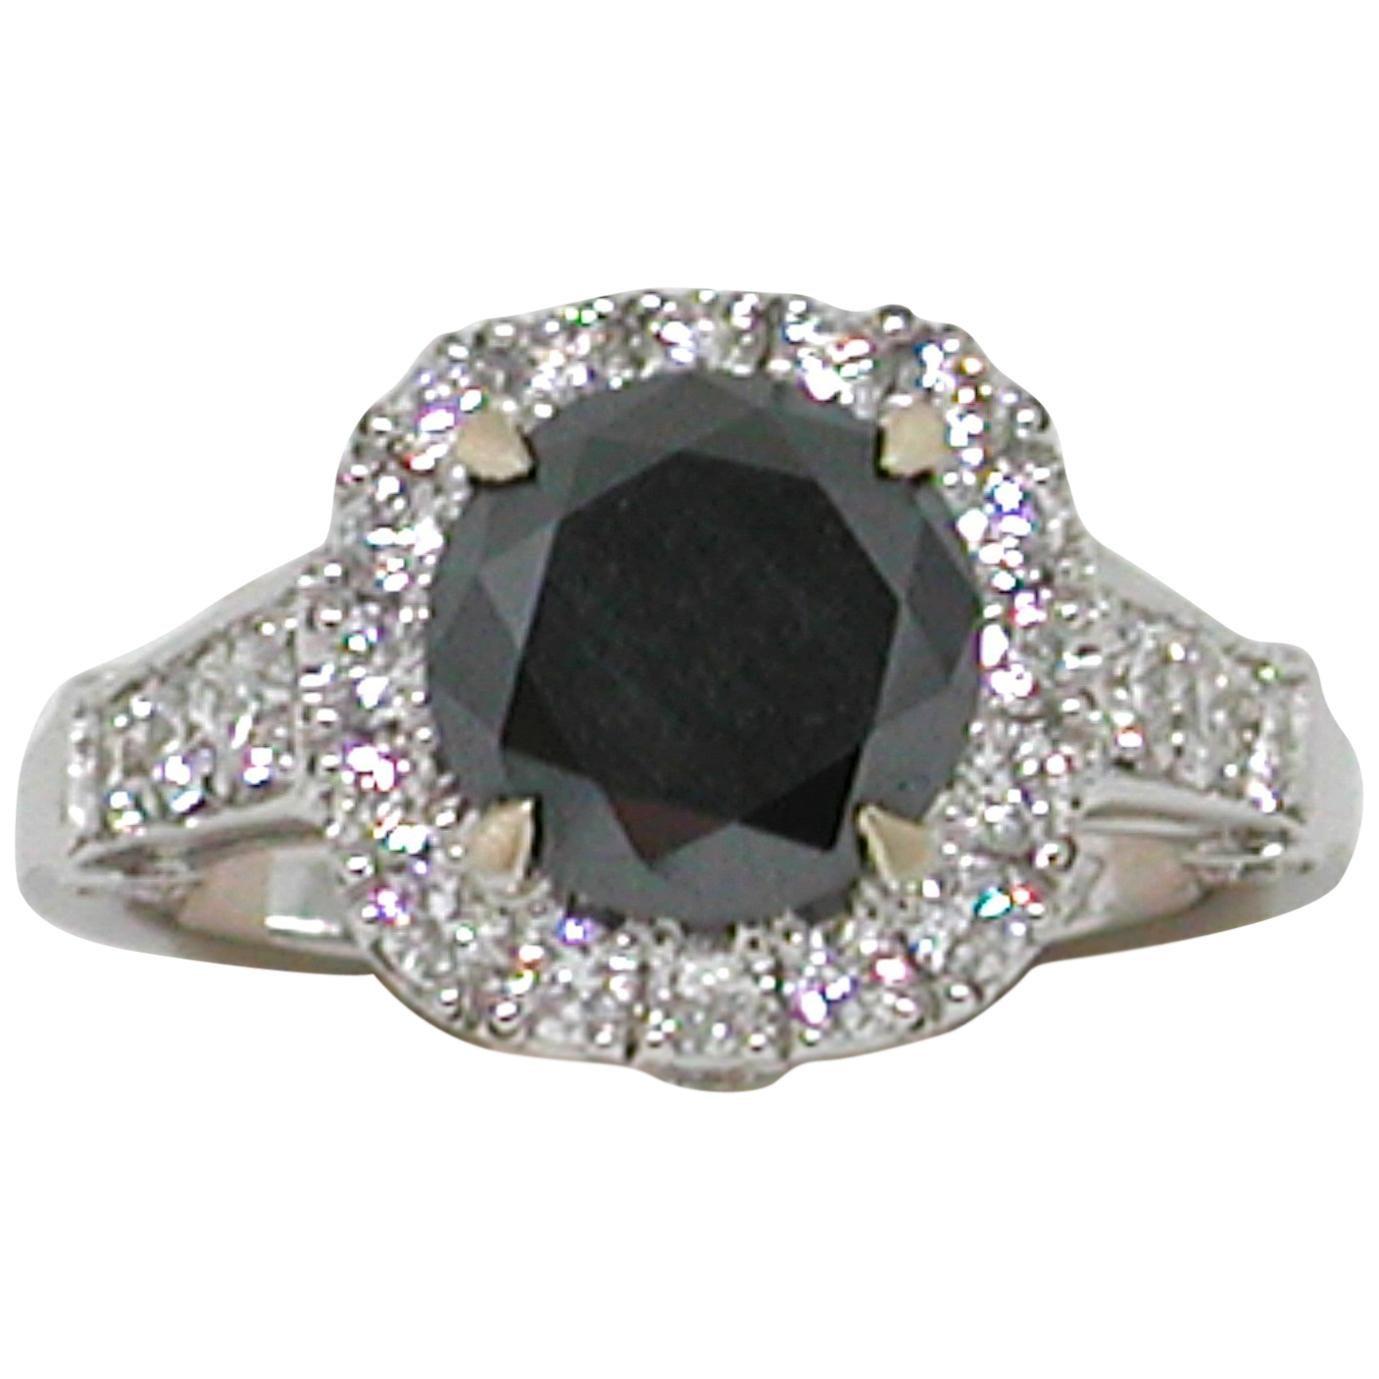 3.40 Carat 18 Karat White Gold Black Diamond Engagement Ring